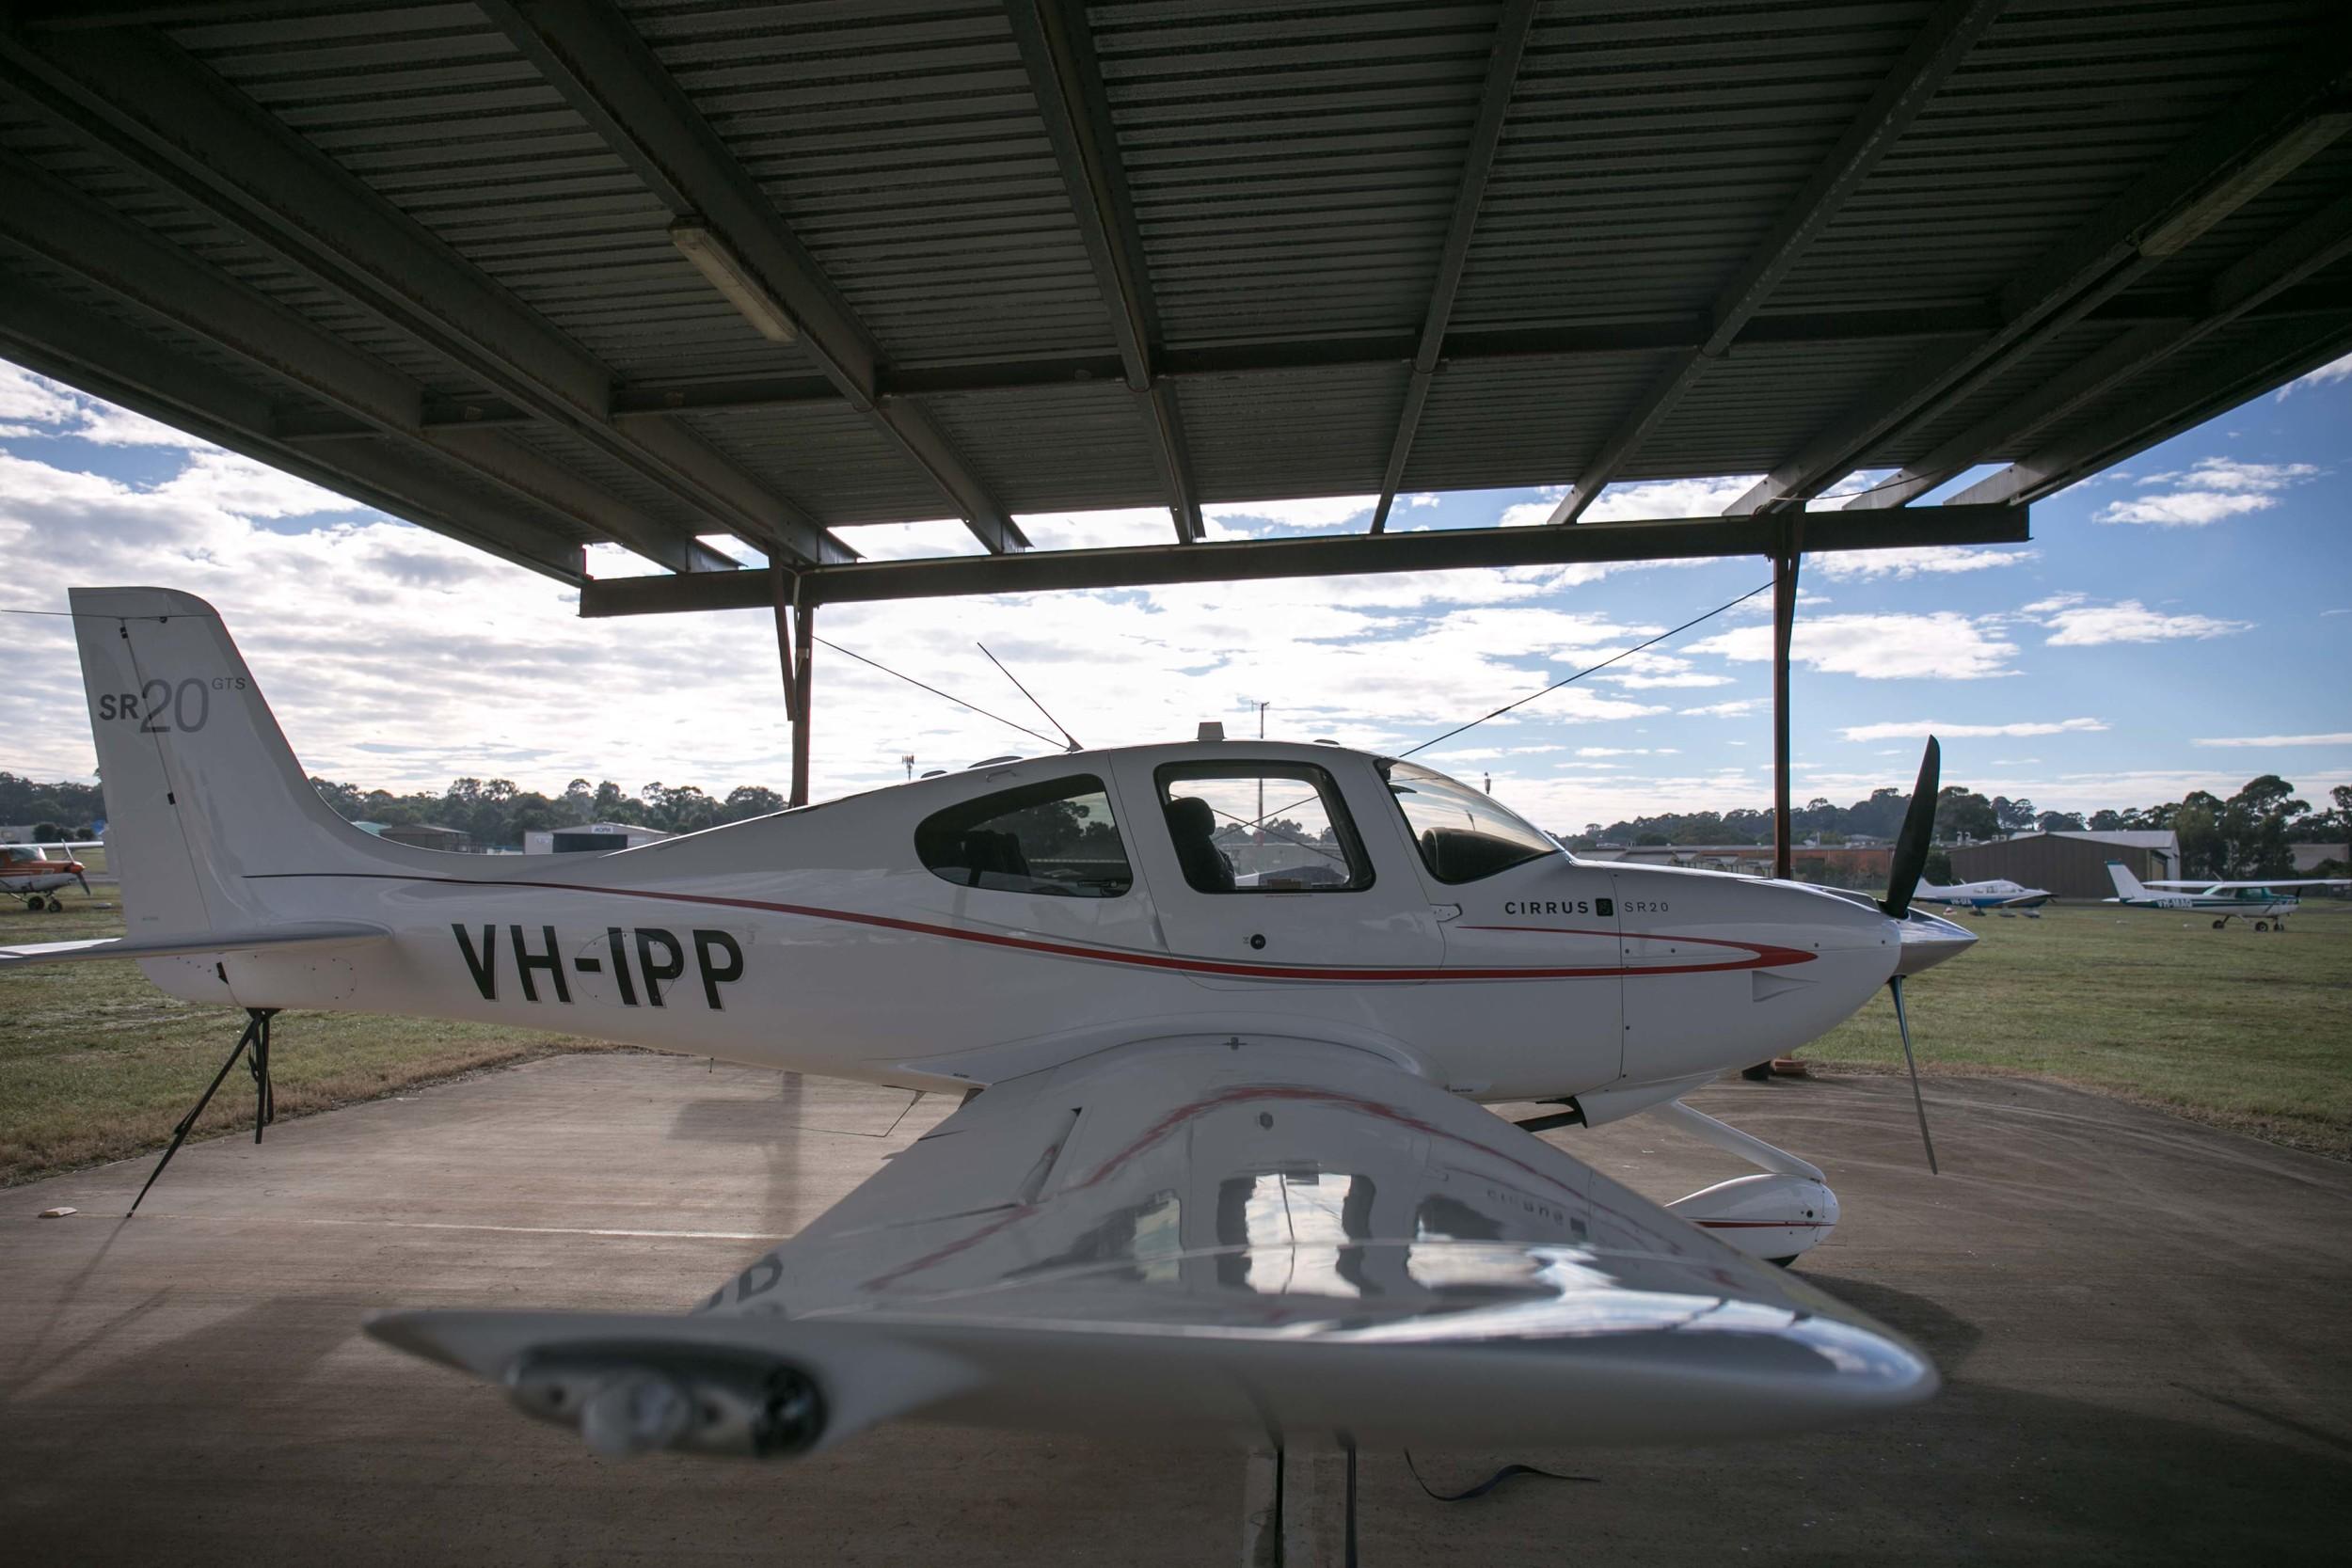 in_venus_Veritas_pilots_BANKSTOWN_AIRPORT-8.jpg